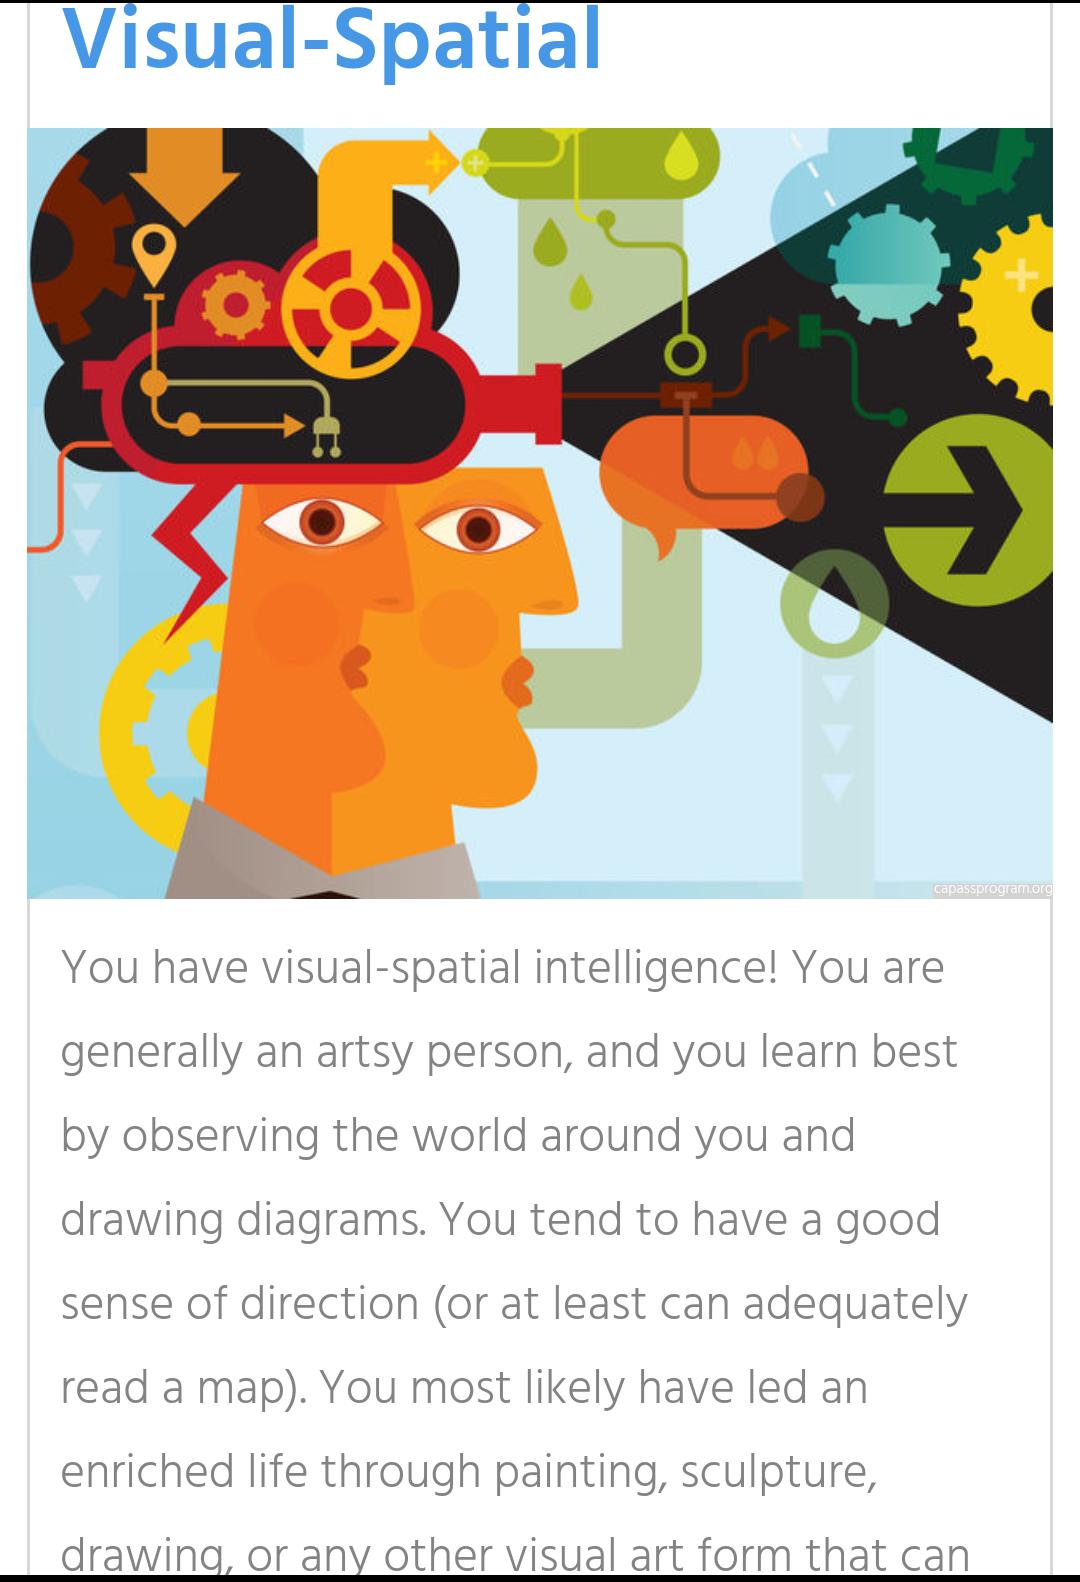 ما هو نوع ذكائك؟ اختر لنفسك